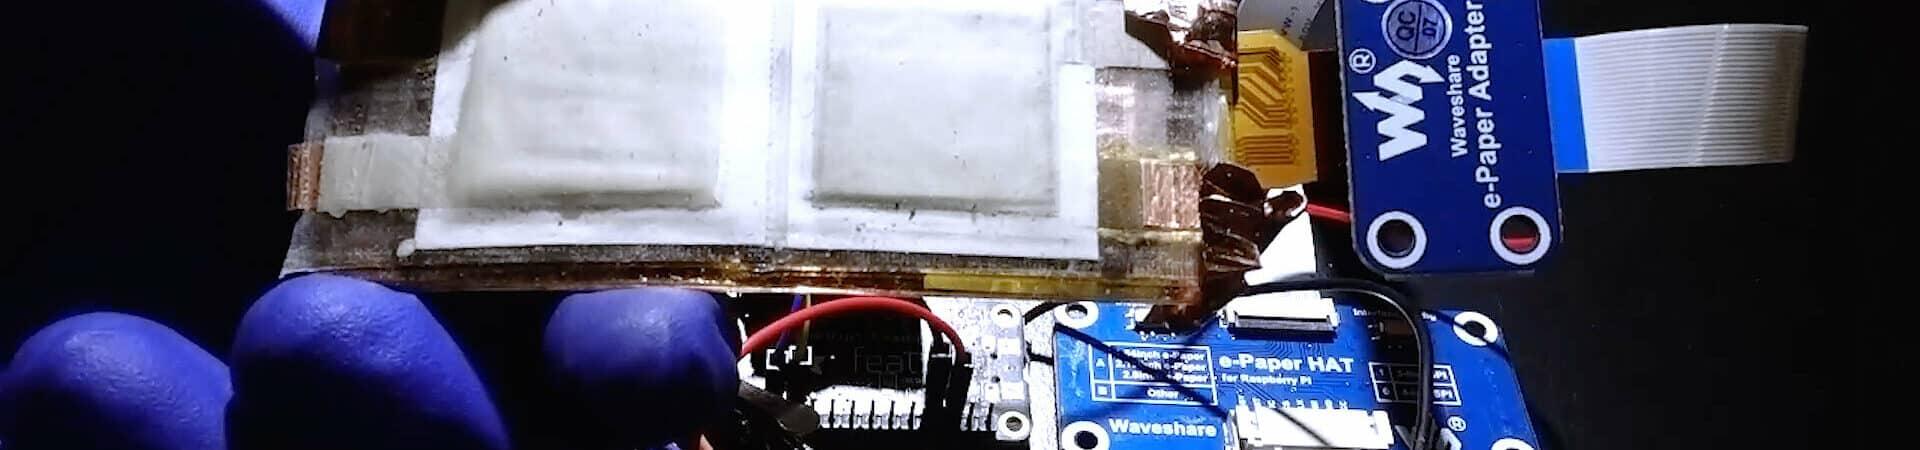 La batería recargable y flexible de UCSD alimenta una pantalla de papel electrónica y un módulo Bluetooth